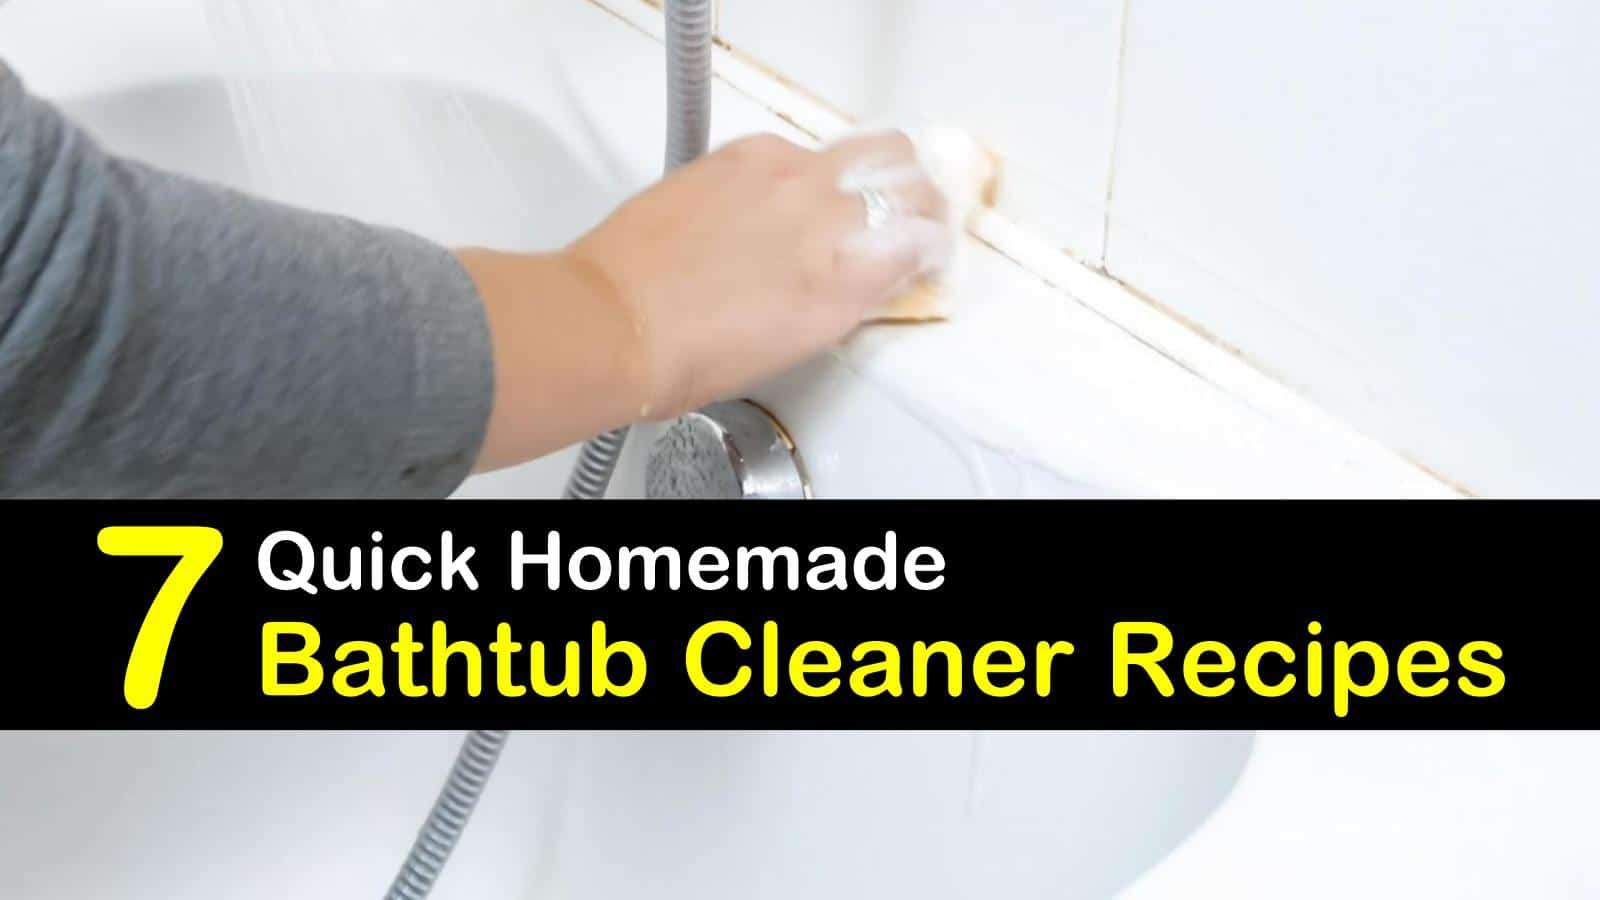 7 Amazing DIY Bathtub Cleaner Recipes